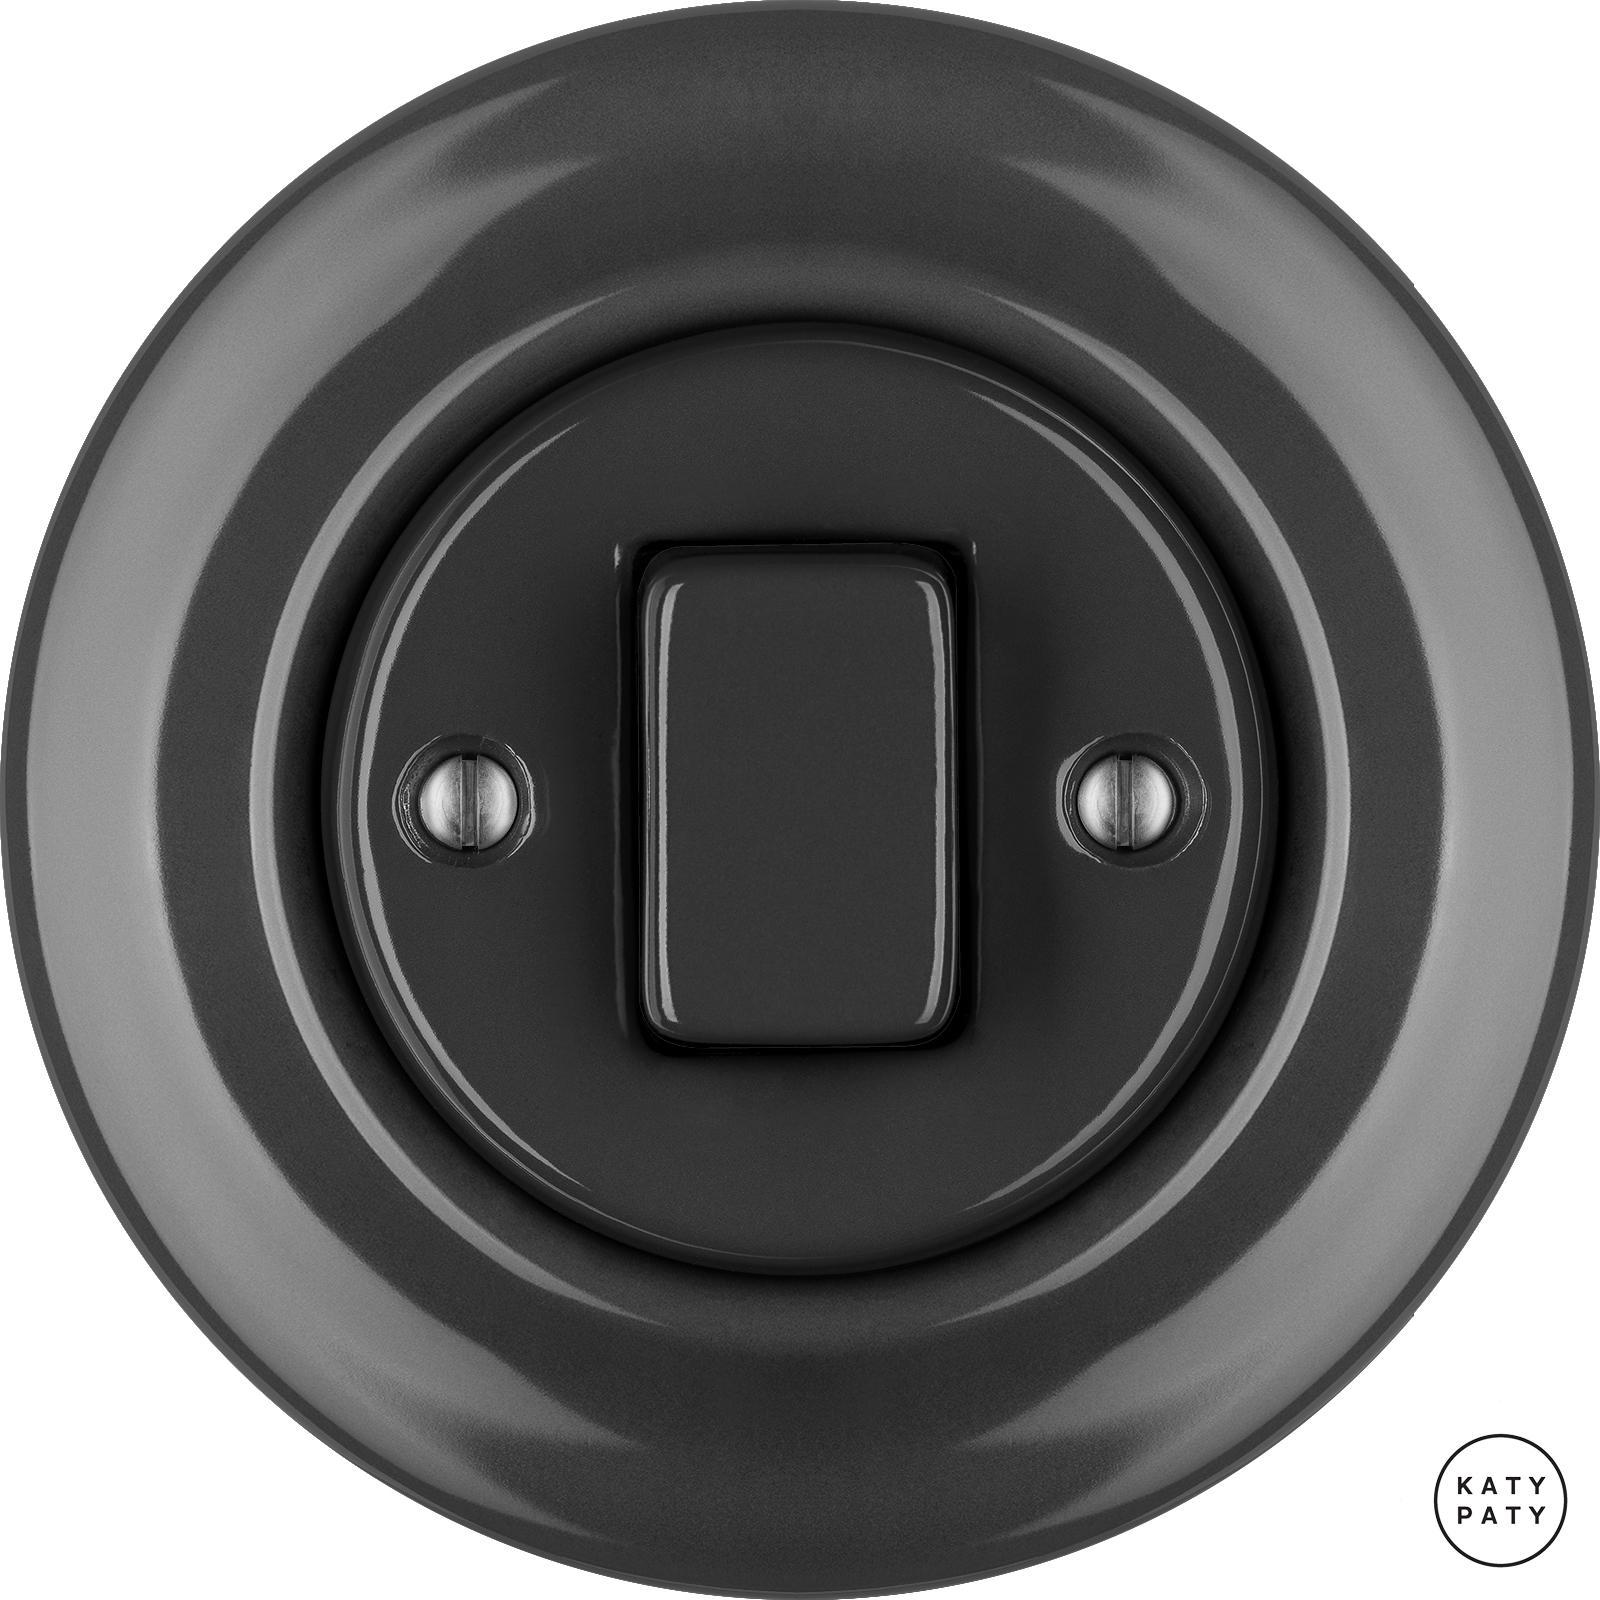 Schön Wie Man Lichtschalter Installiert Ideen - Schaltplan Serie ...